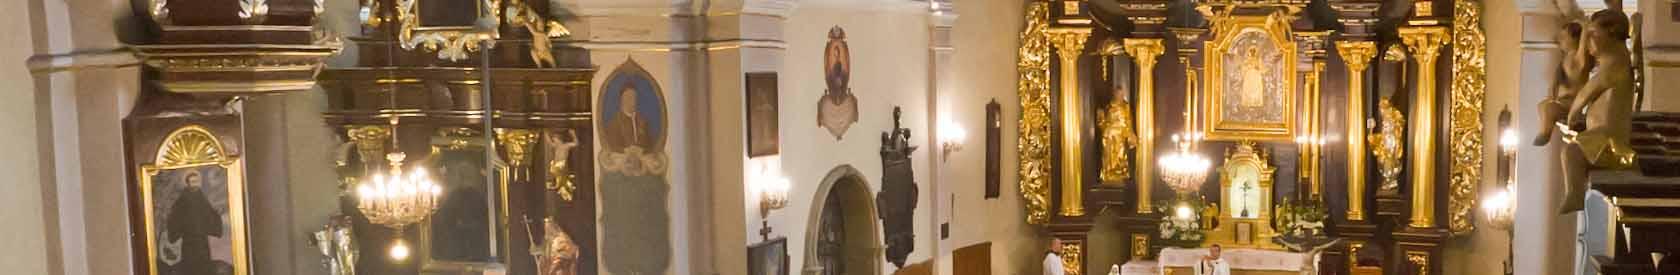 Msze św. i nabożeństwa